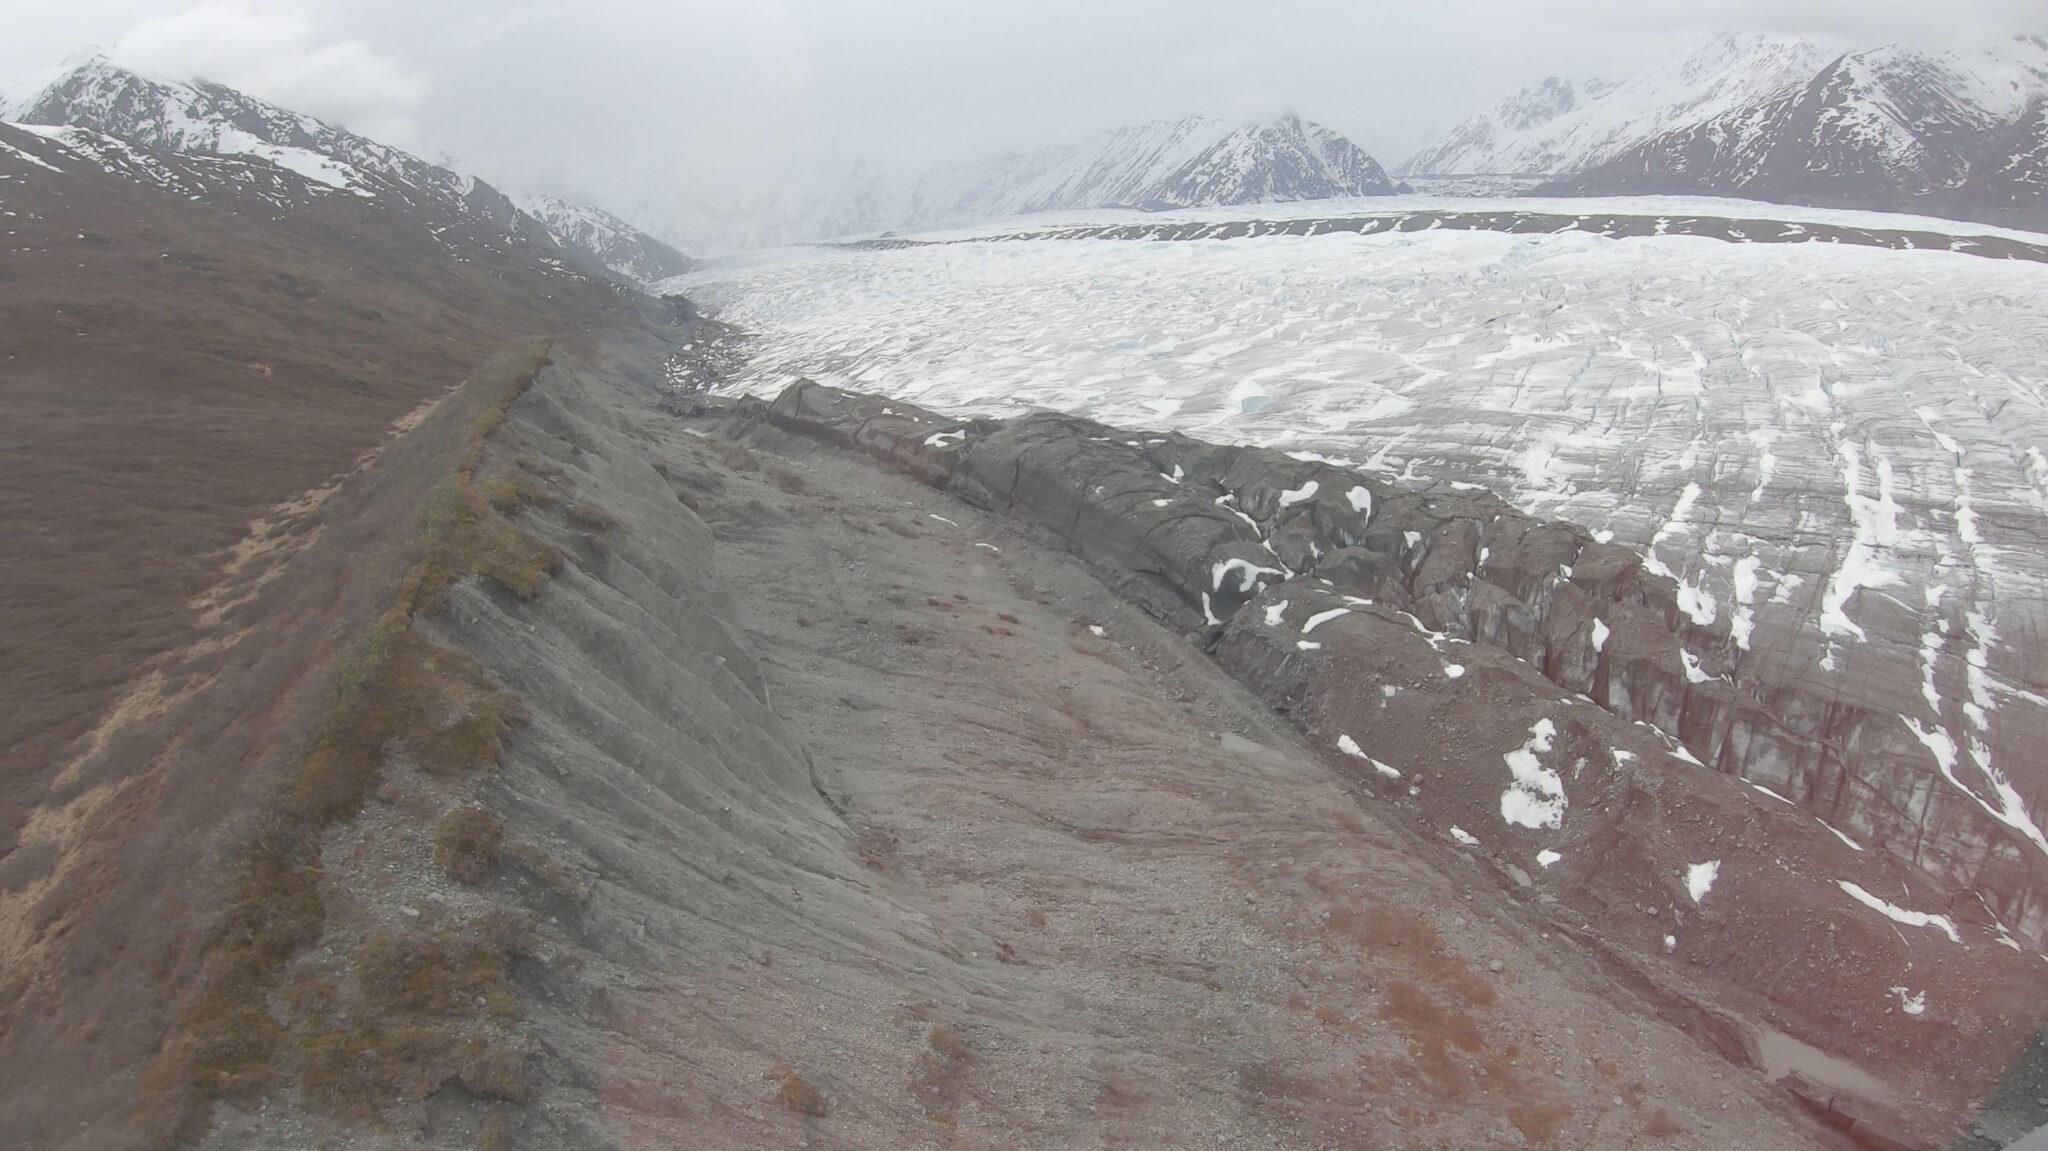 Glacier Features on Matanuska